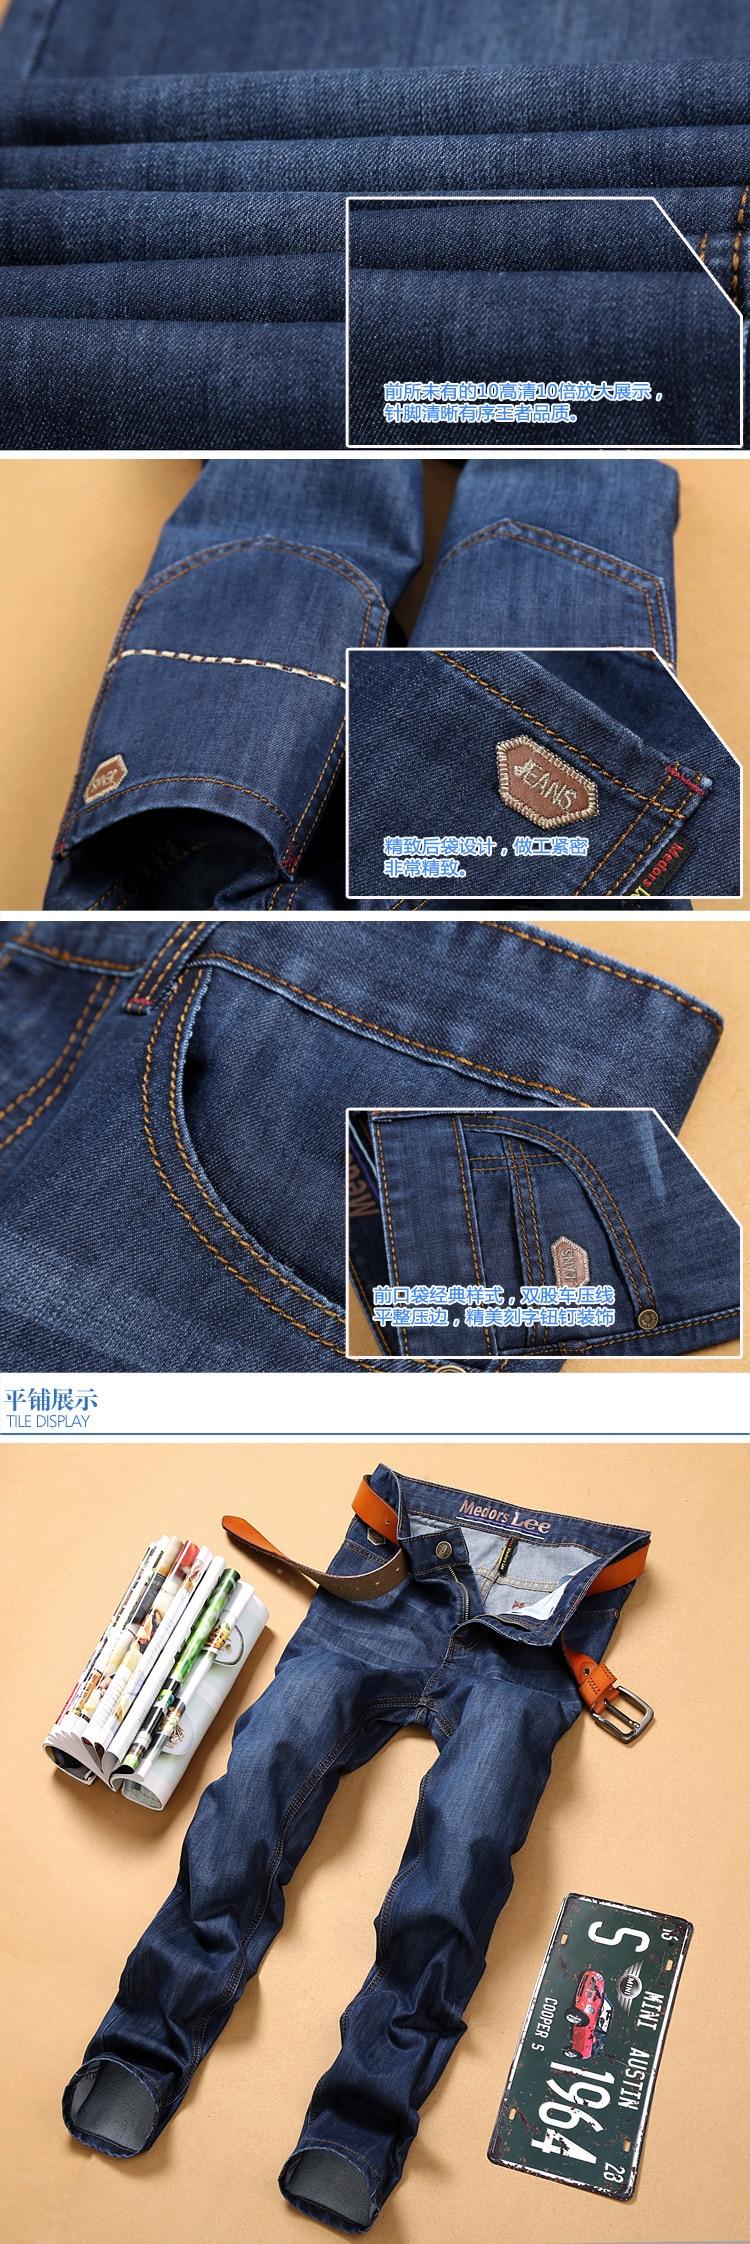 Blue Black Jeans Male Cotton Men s Jeans Famous Brand Trousers Jeans ... 8e76a1b8f5d3